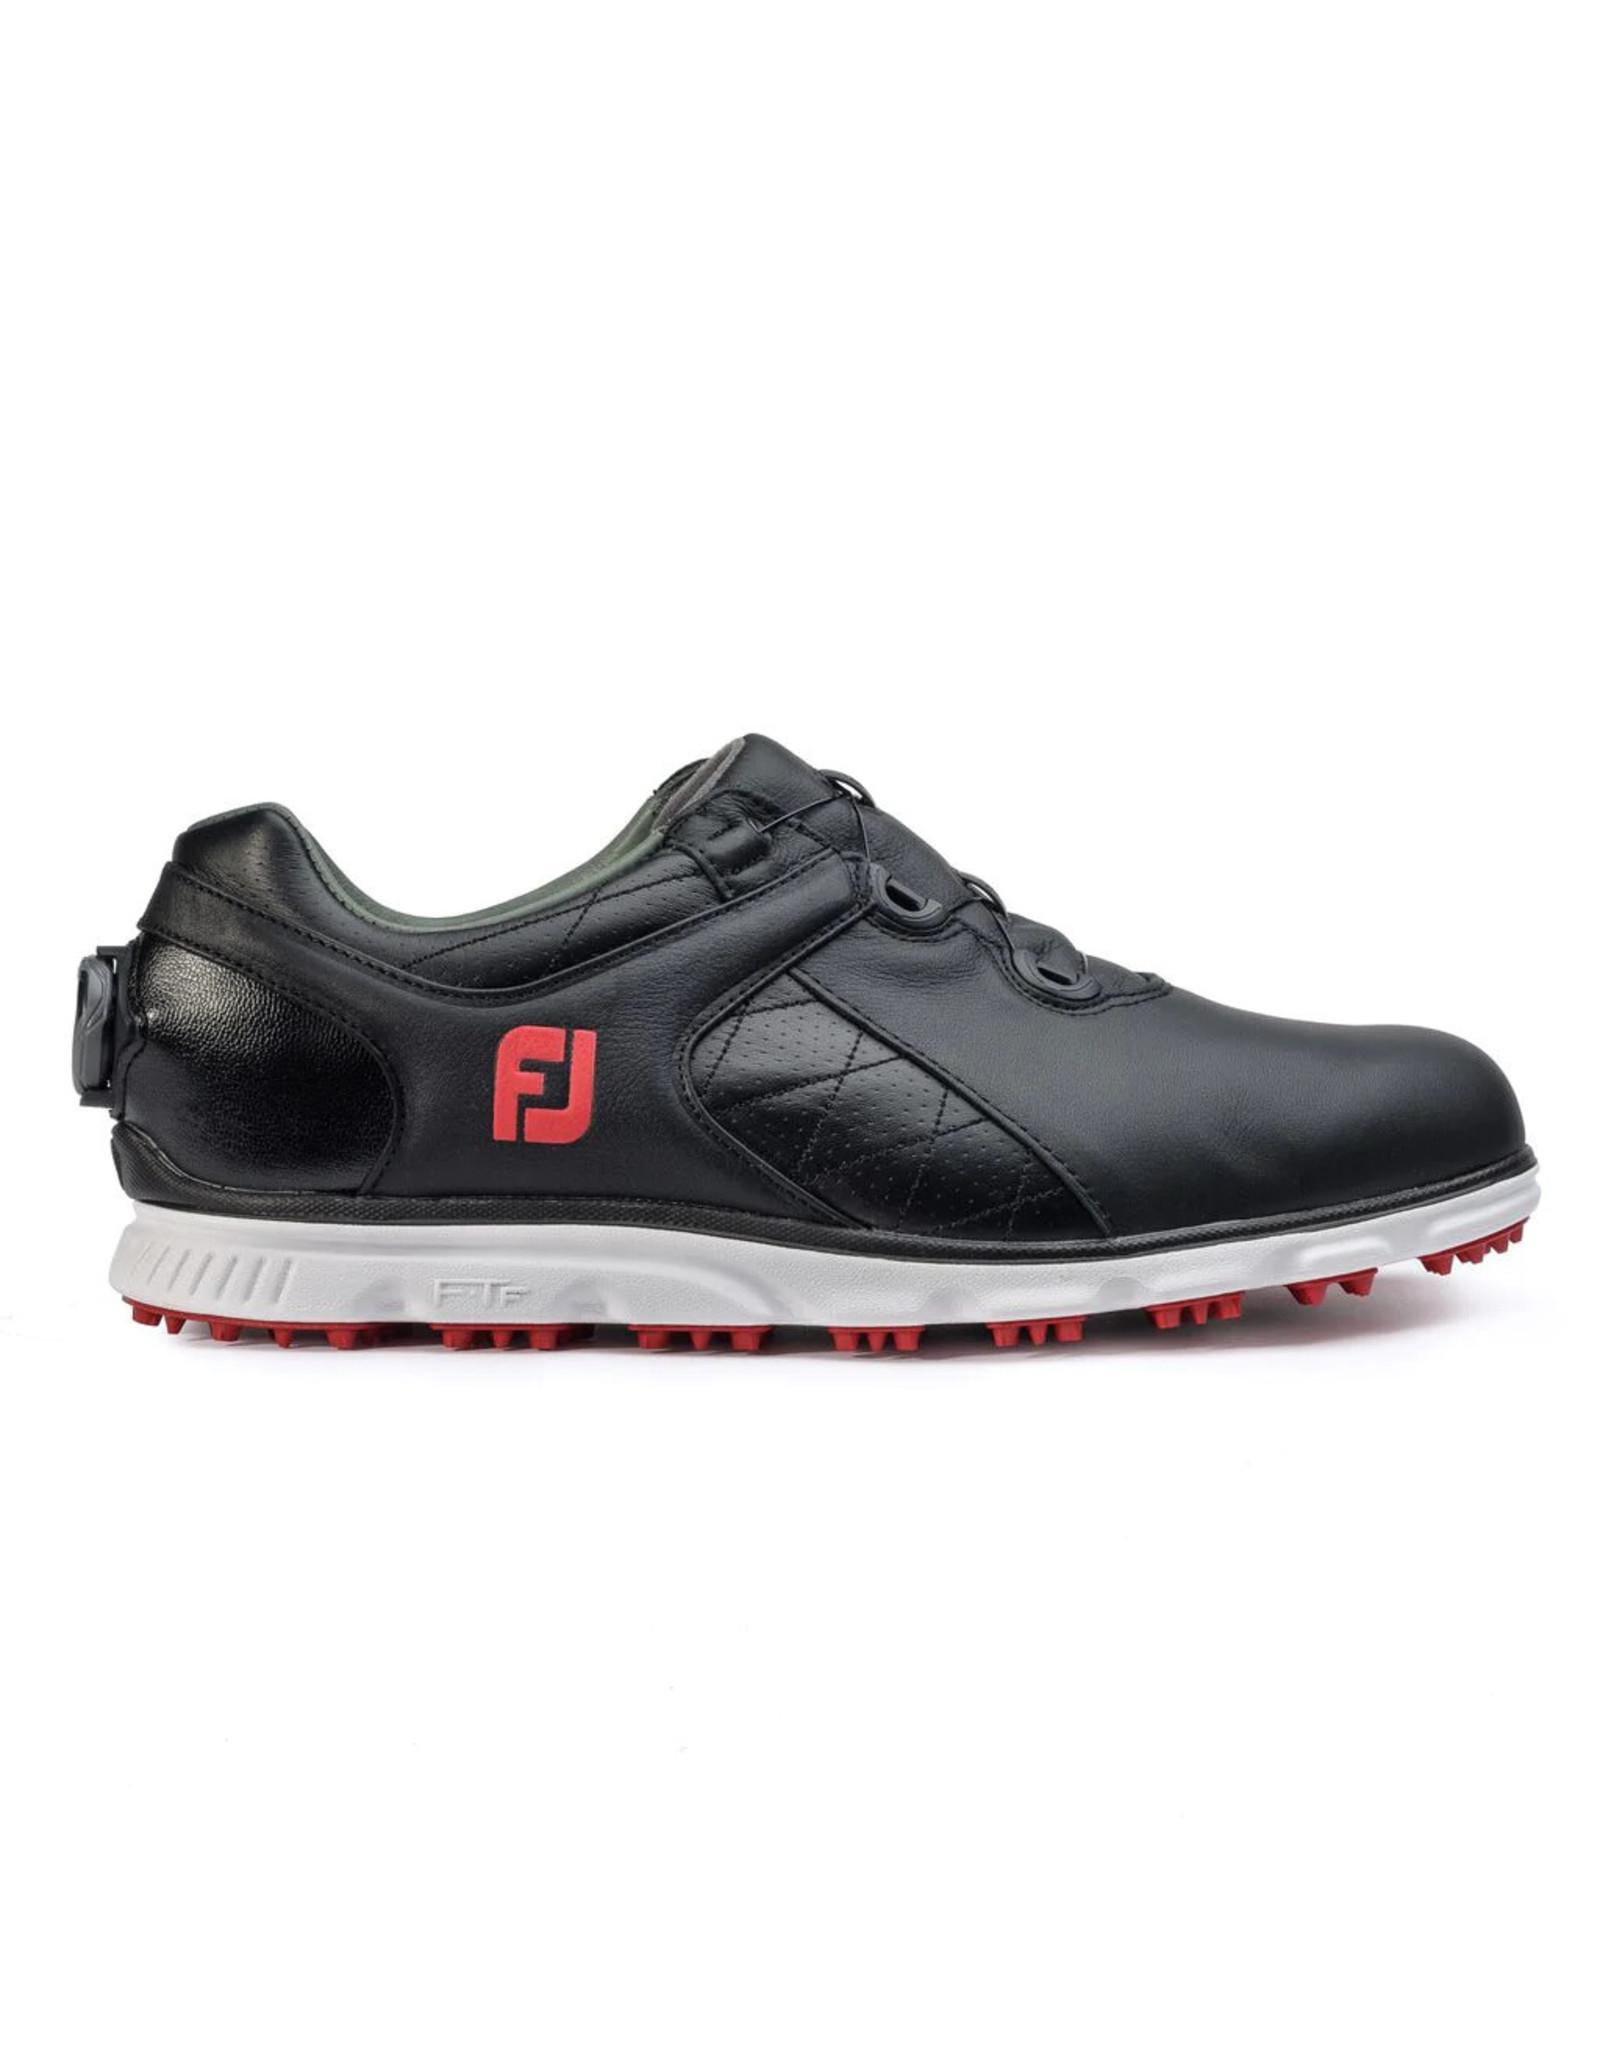 Footjoy FJ Pro SL SPKL BOA